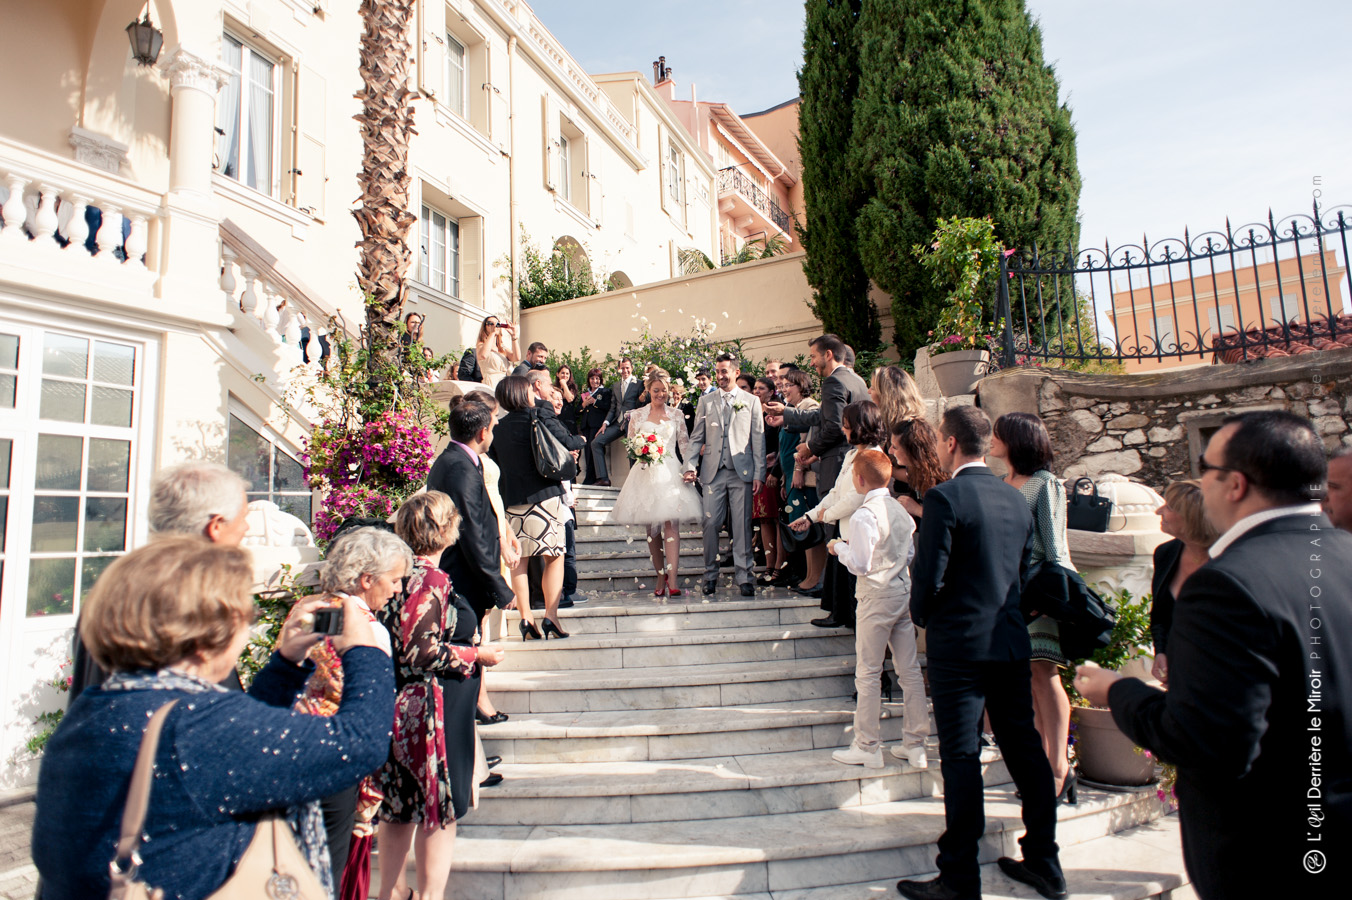 Photographe-mariage-monaco-loeilderrierelemiroir-012